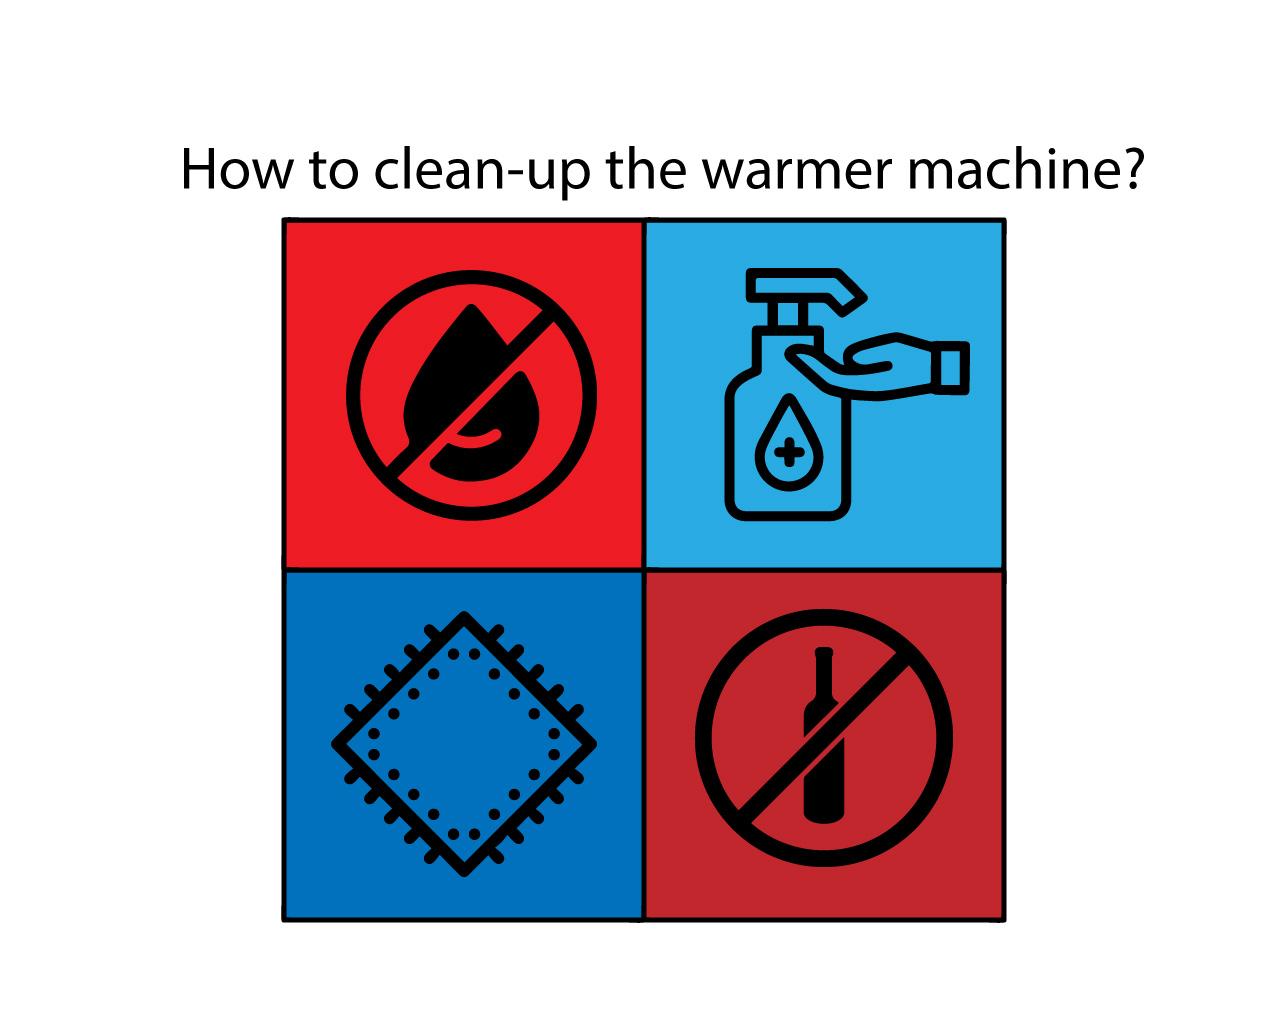 تمیز کردن وارمر